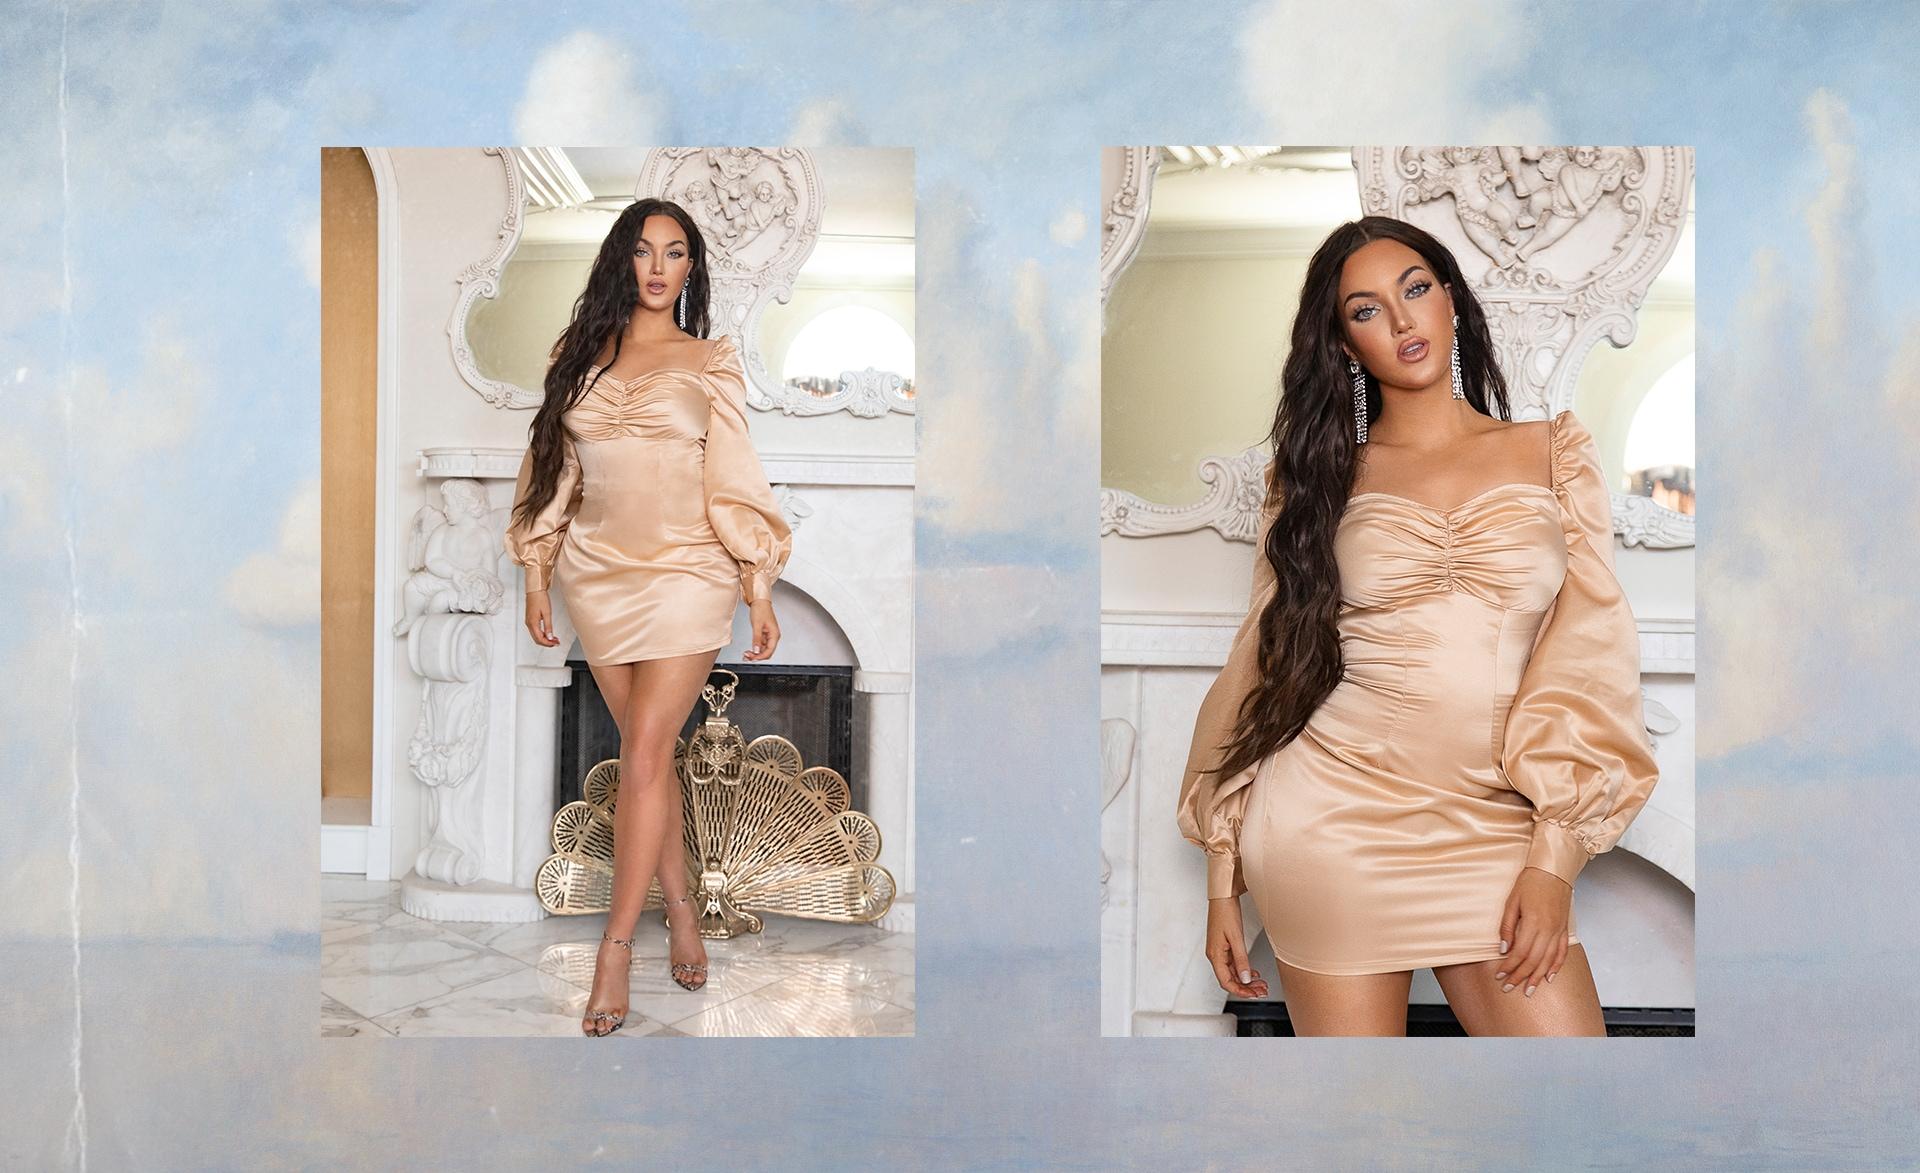 Natalie Halcro Lookbook Image Desktop 4